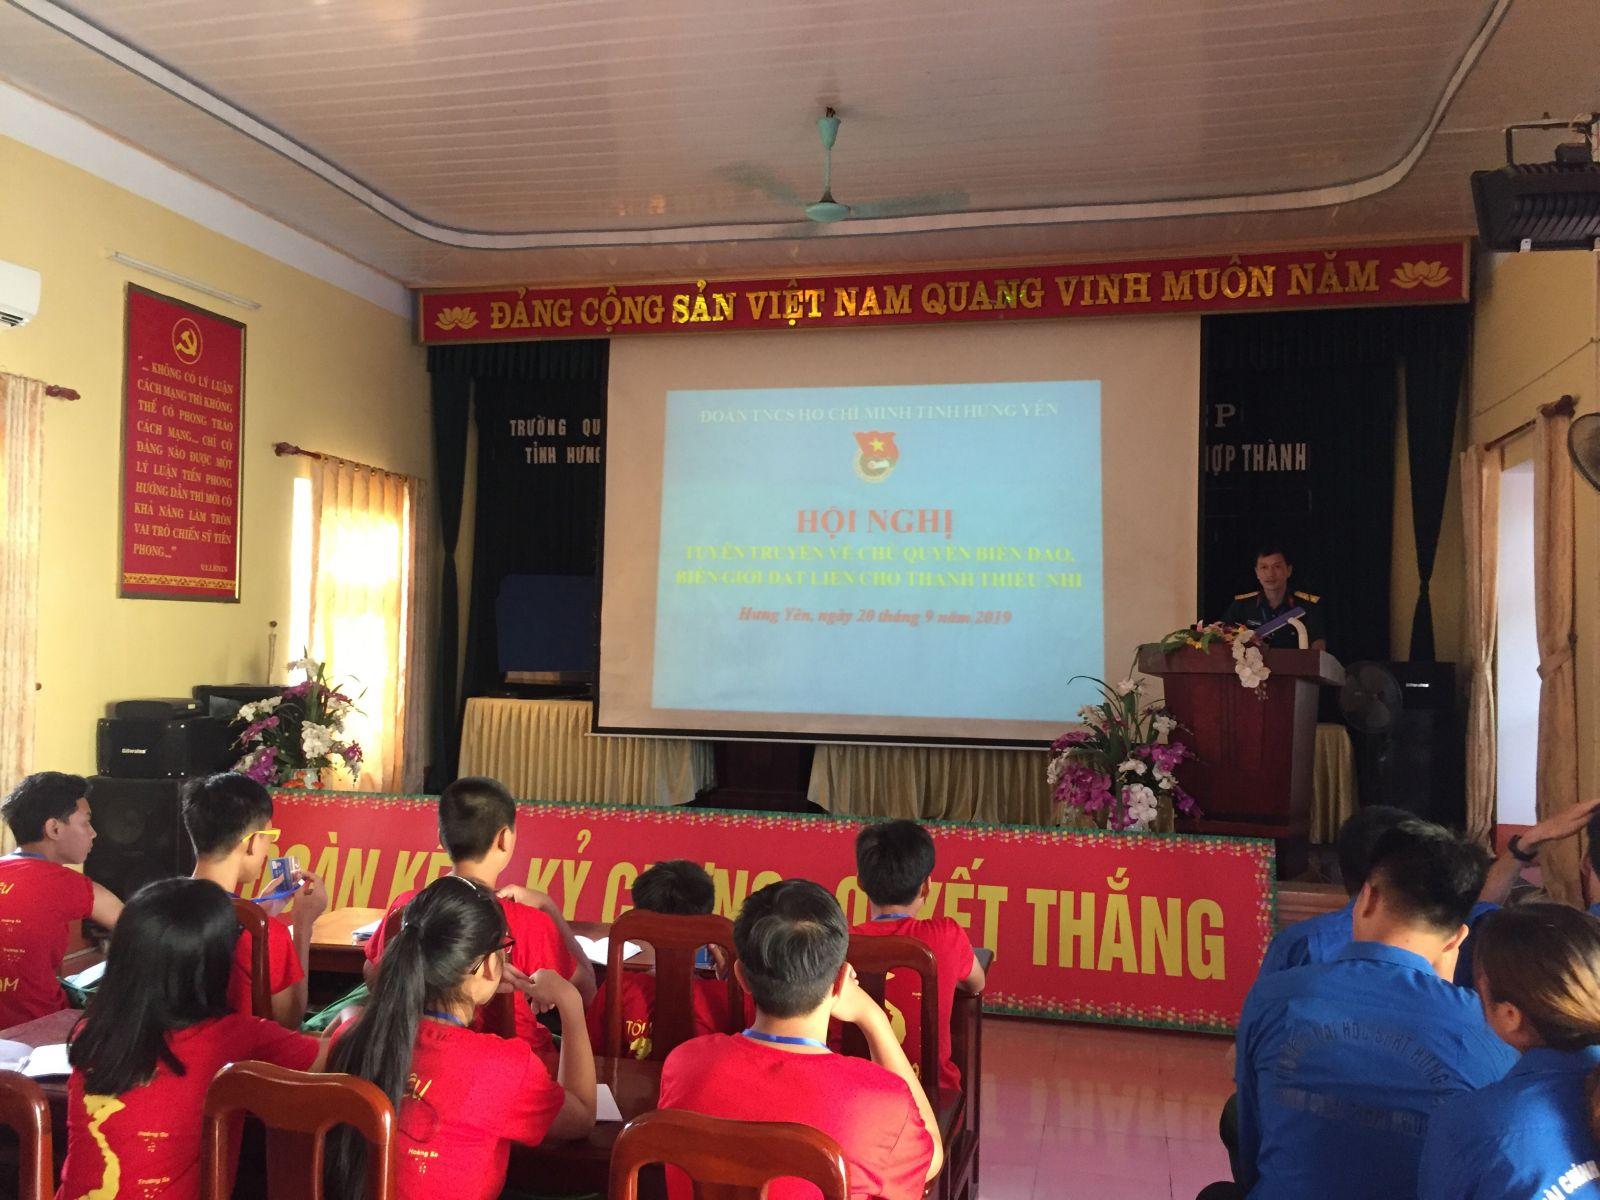 Tỉnh đoàn tổ chức tuyên truyền về chủ quyền biển đảo, biên giới đất liền cho thanh thiếu nhi năm 2019